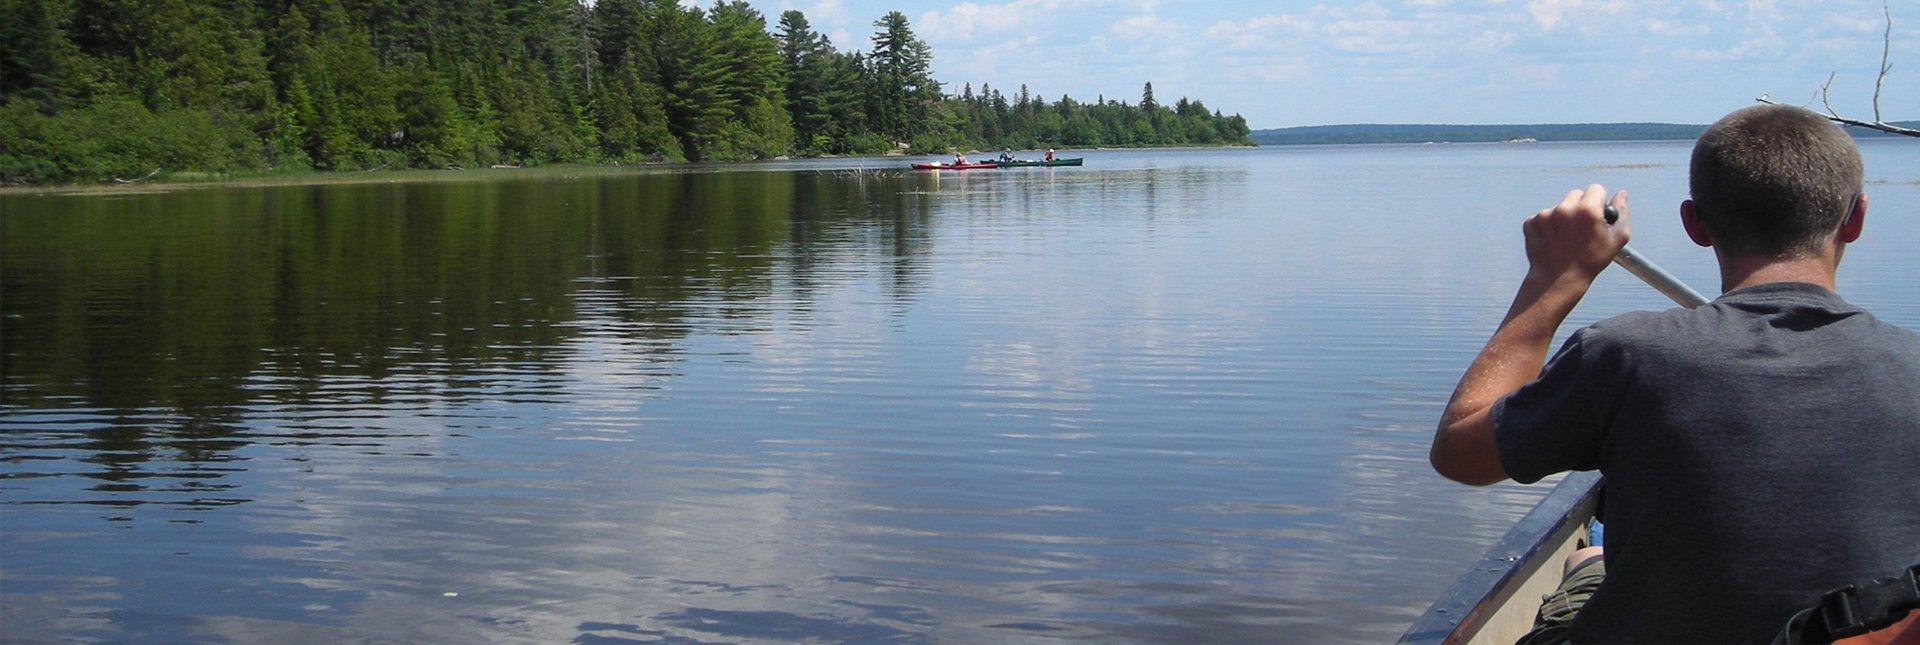 canoe-banner